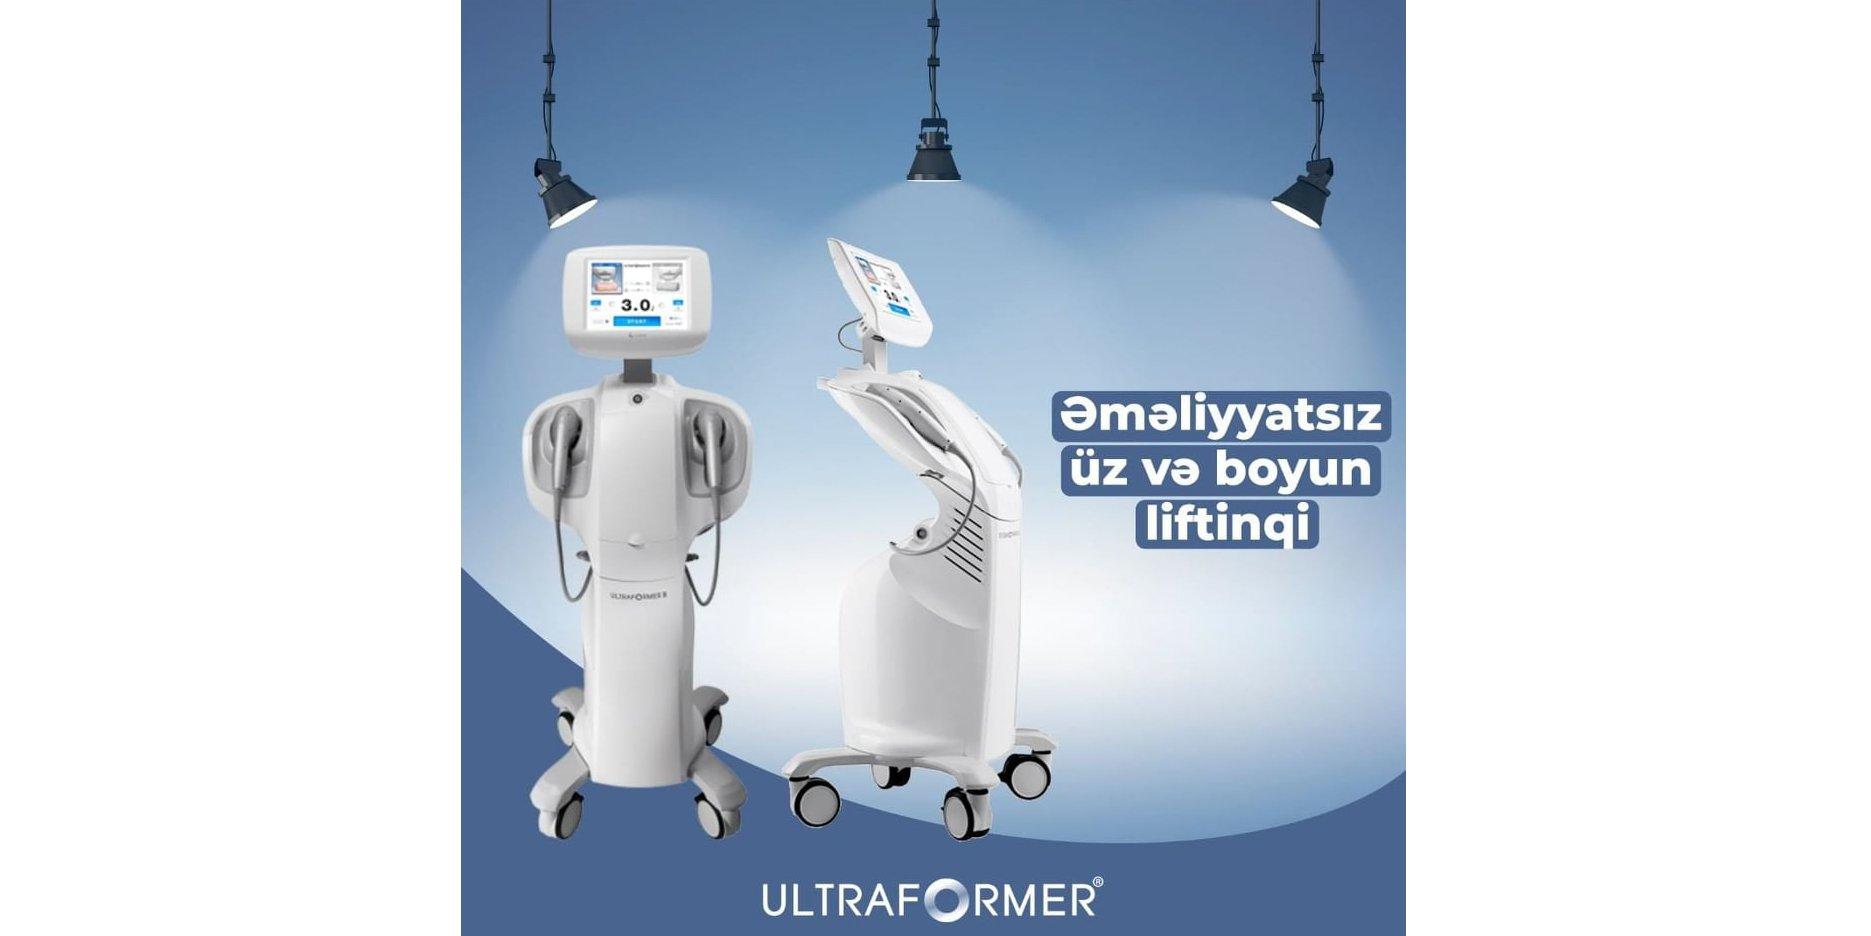 UltraFormer cihazı